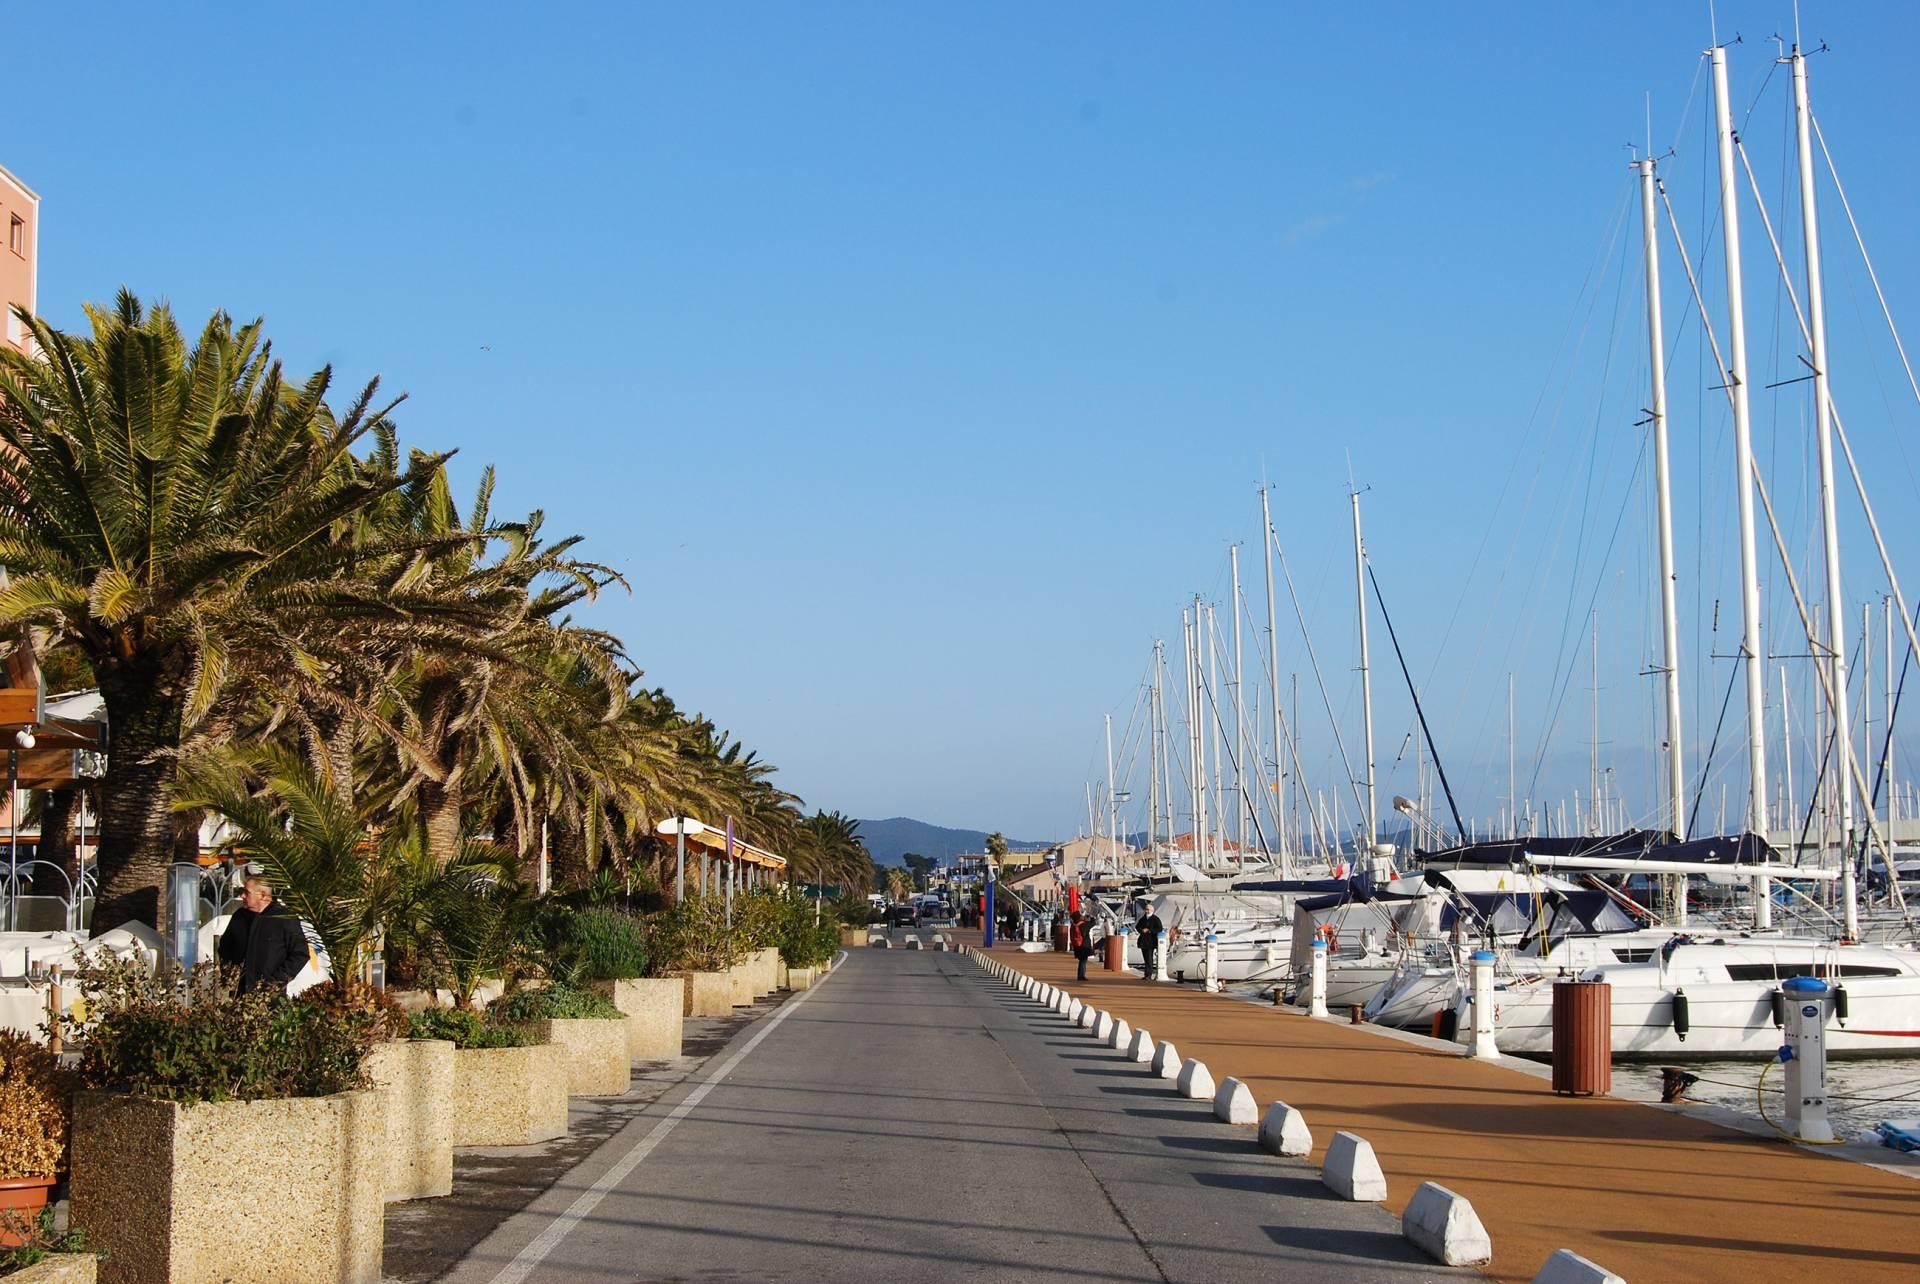 H tel en bord de mer hy res lido beach avec acc s direct la plage hotel france sud h tel - Restaurant hyeres bord de mer ...